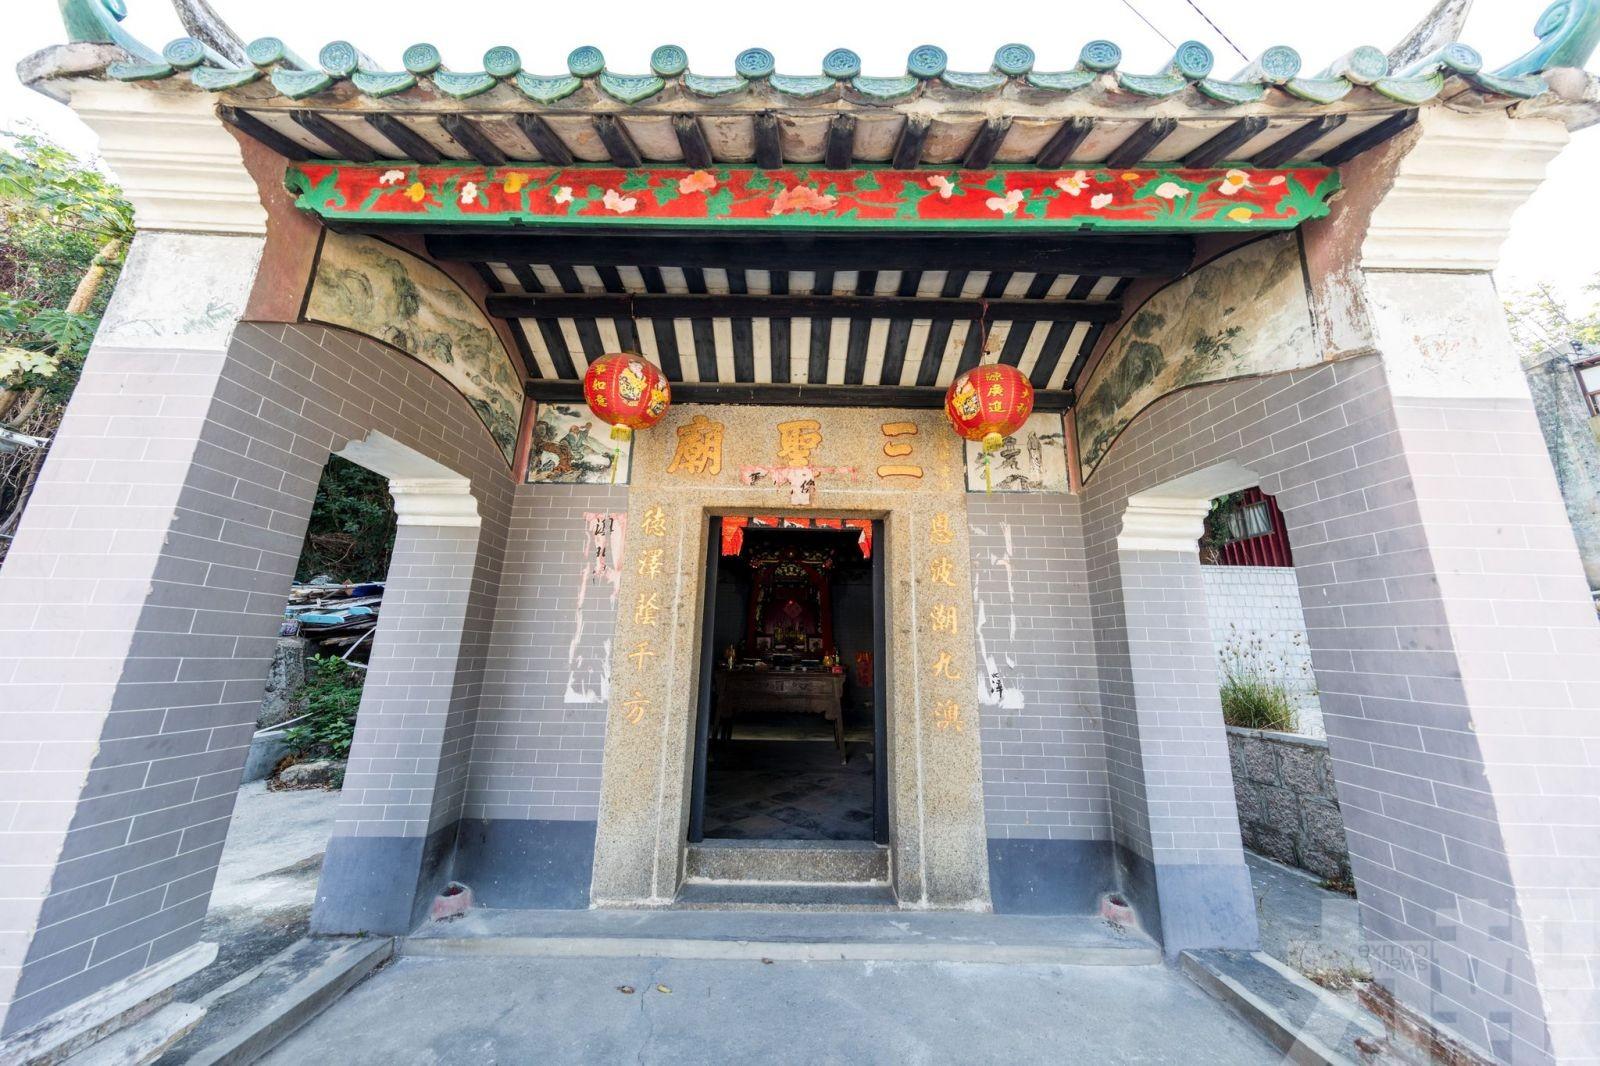 共12個項目涉多種文化建築